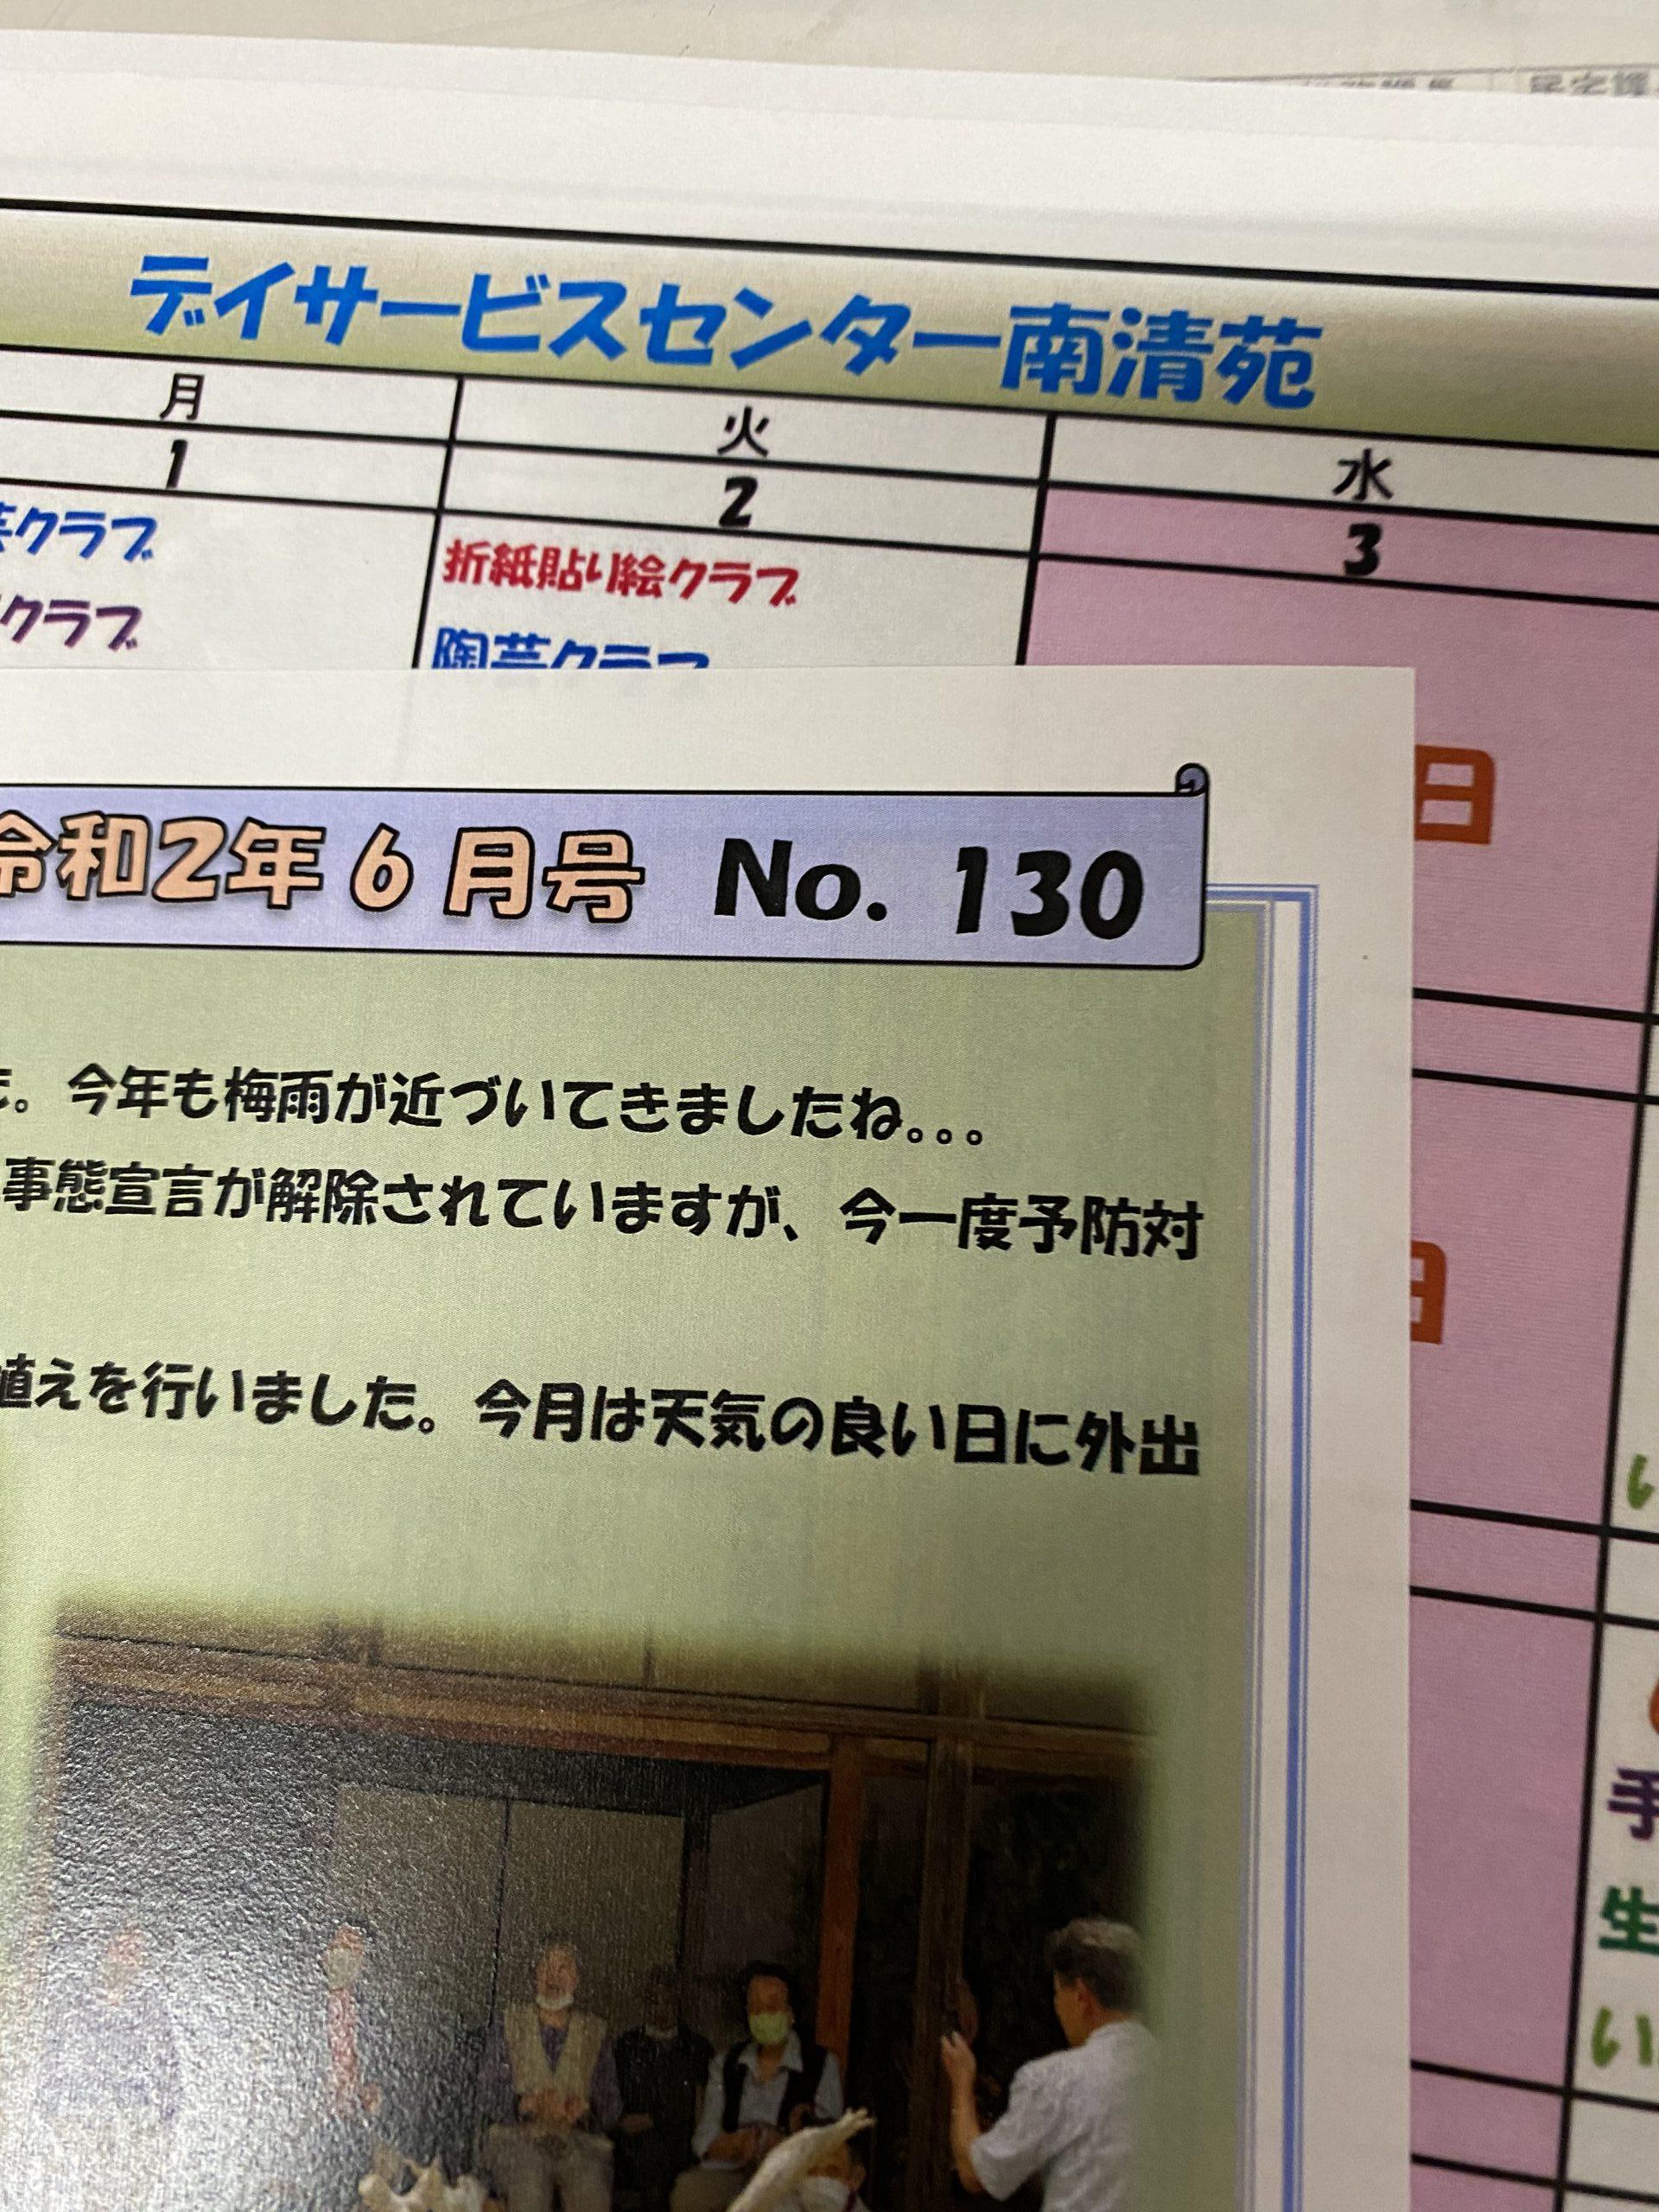 6月デイサービス便り/デイサービス空き情報のお知らせイメージ